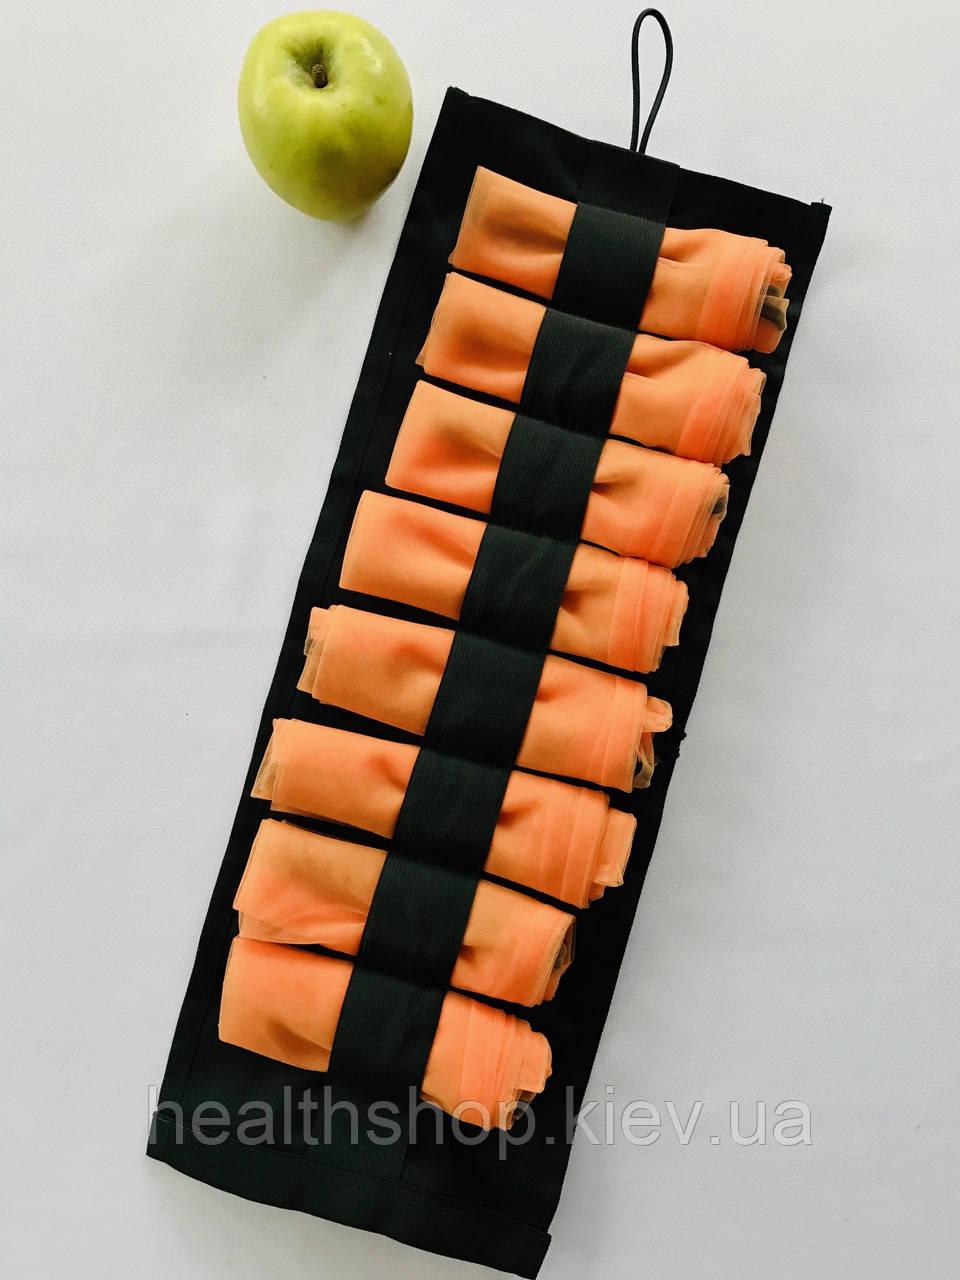 Многоразовые мешочки для продуктов (размер M), эко мешочки, сетки для овощей и фруктов 8 шт. (+ органайзер)